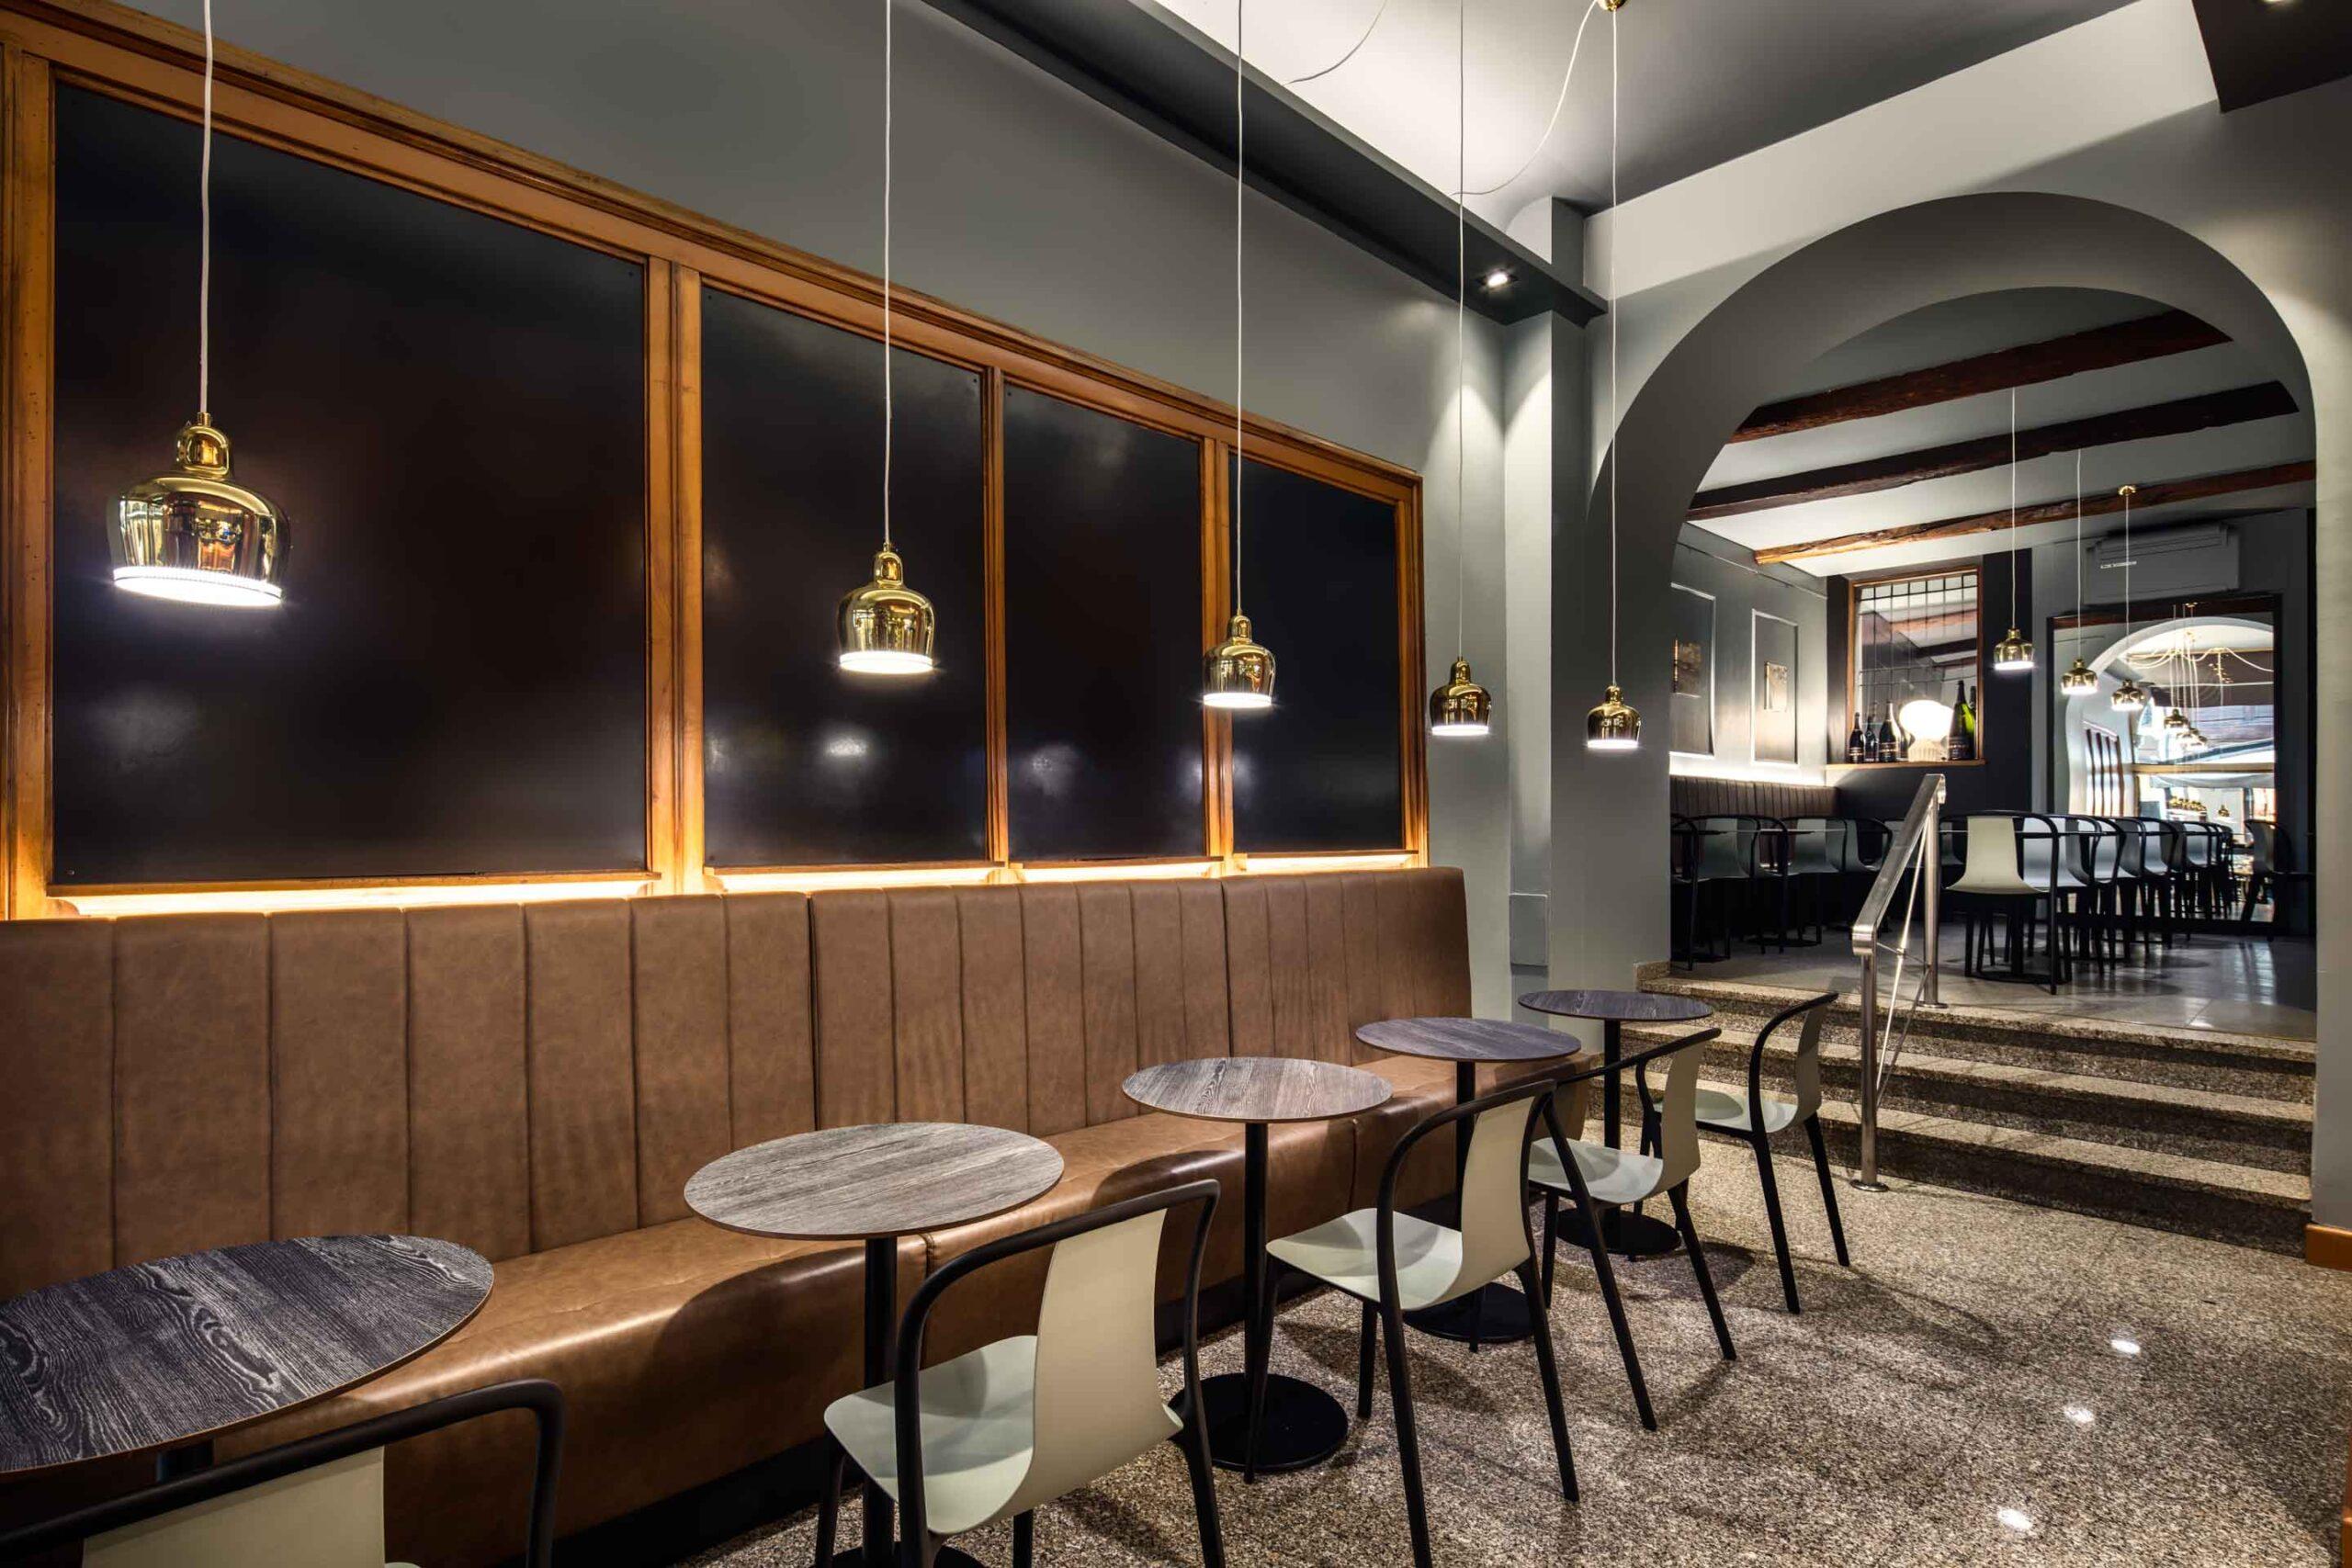 Bar Venezia - Ghiroldi Design - Mantova - Foto di Davide Galli, fotografo di architettura e interni a Milano